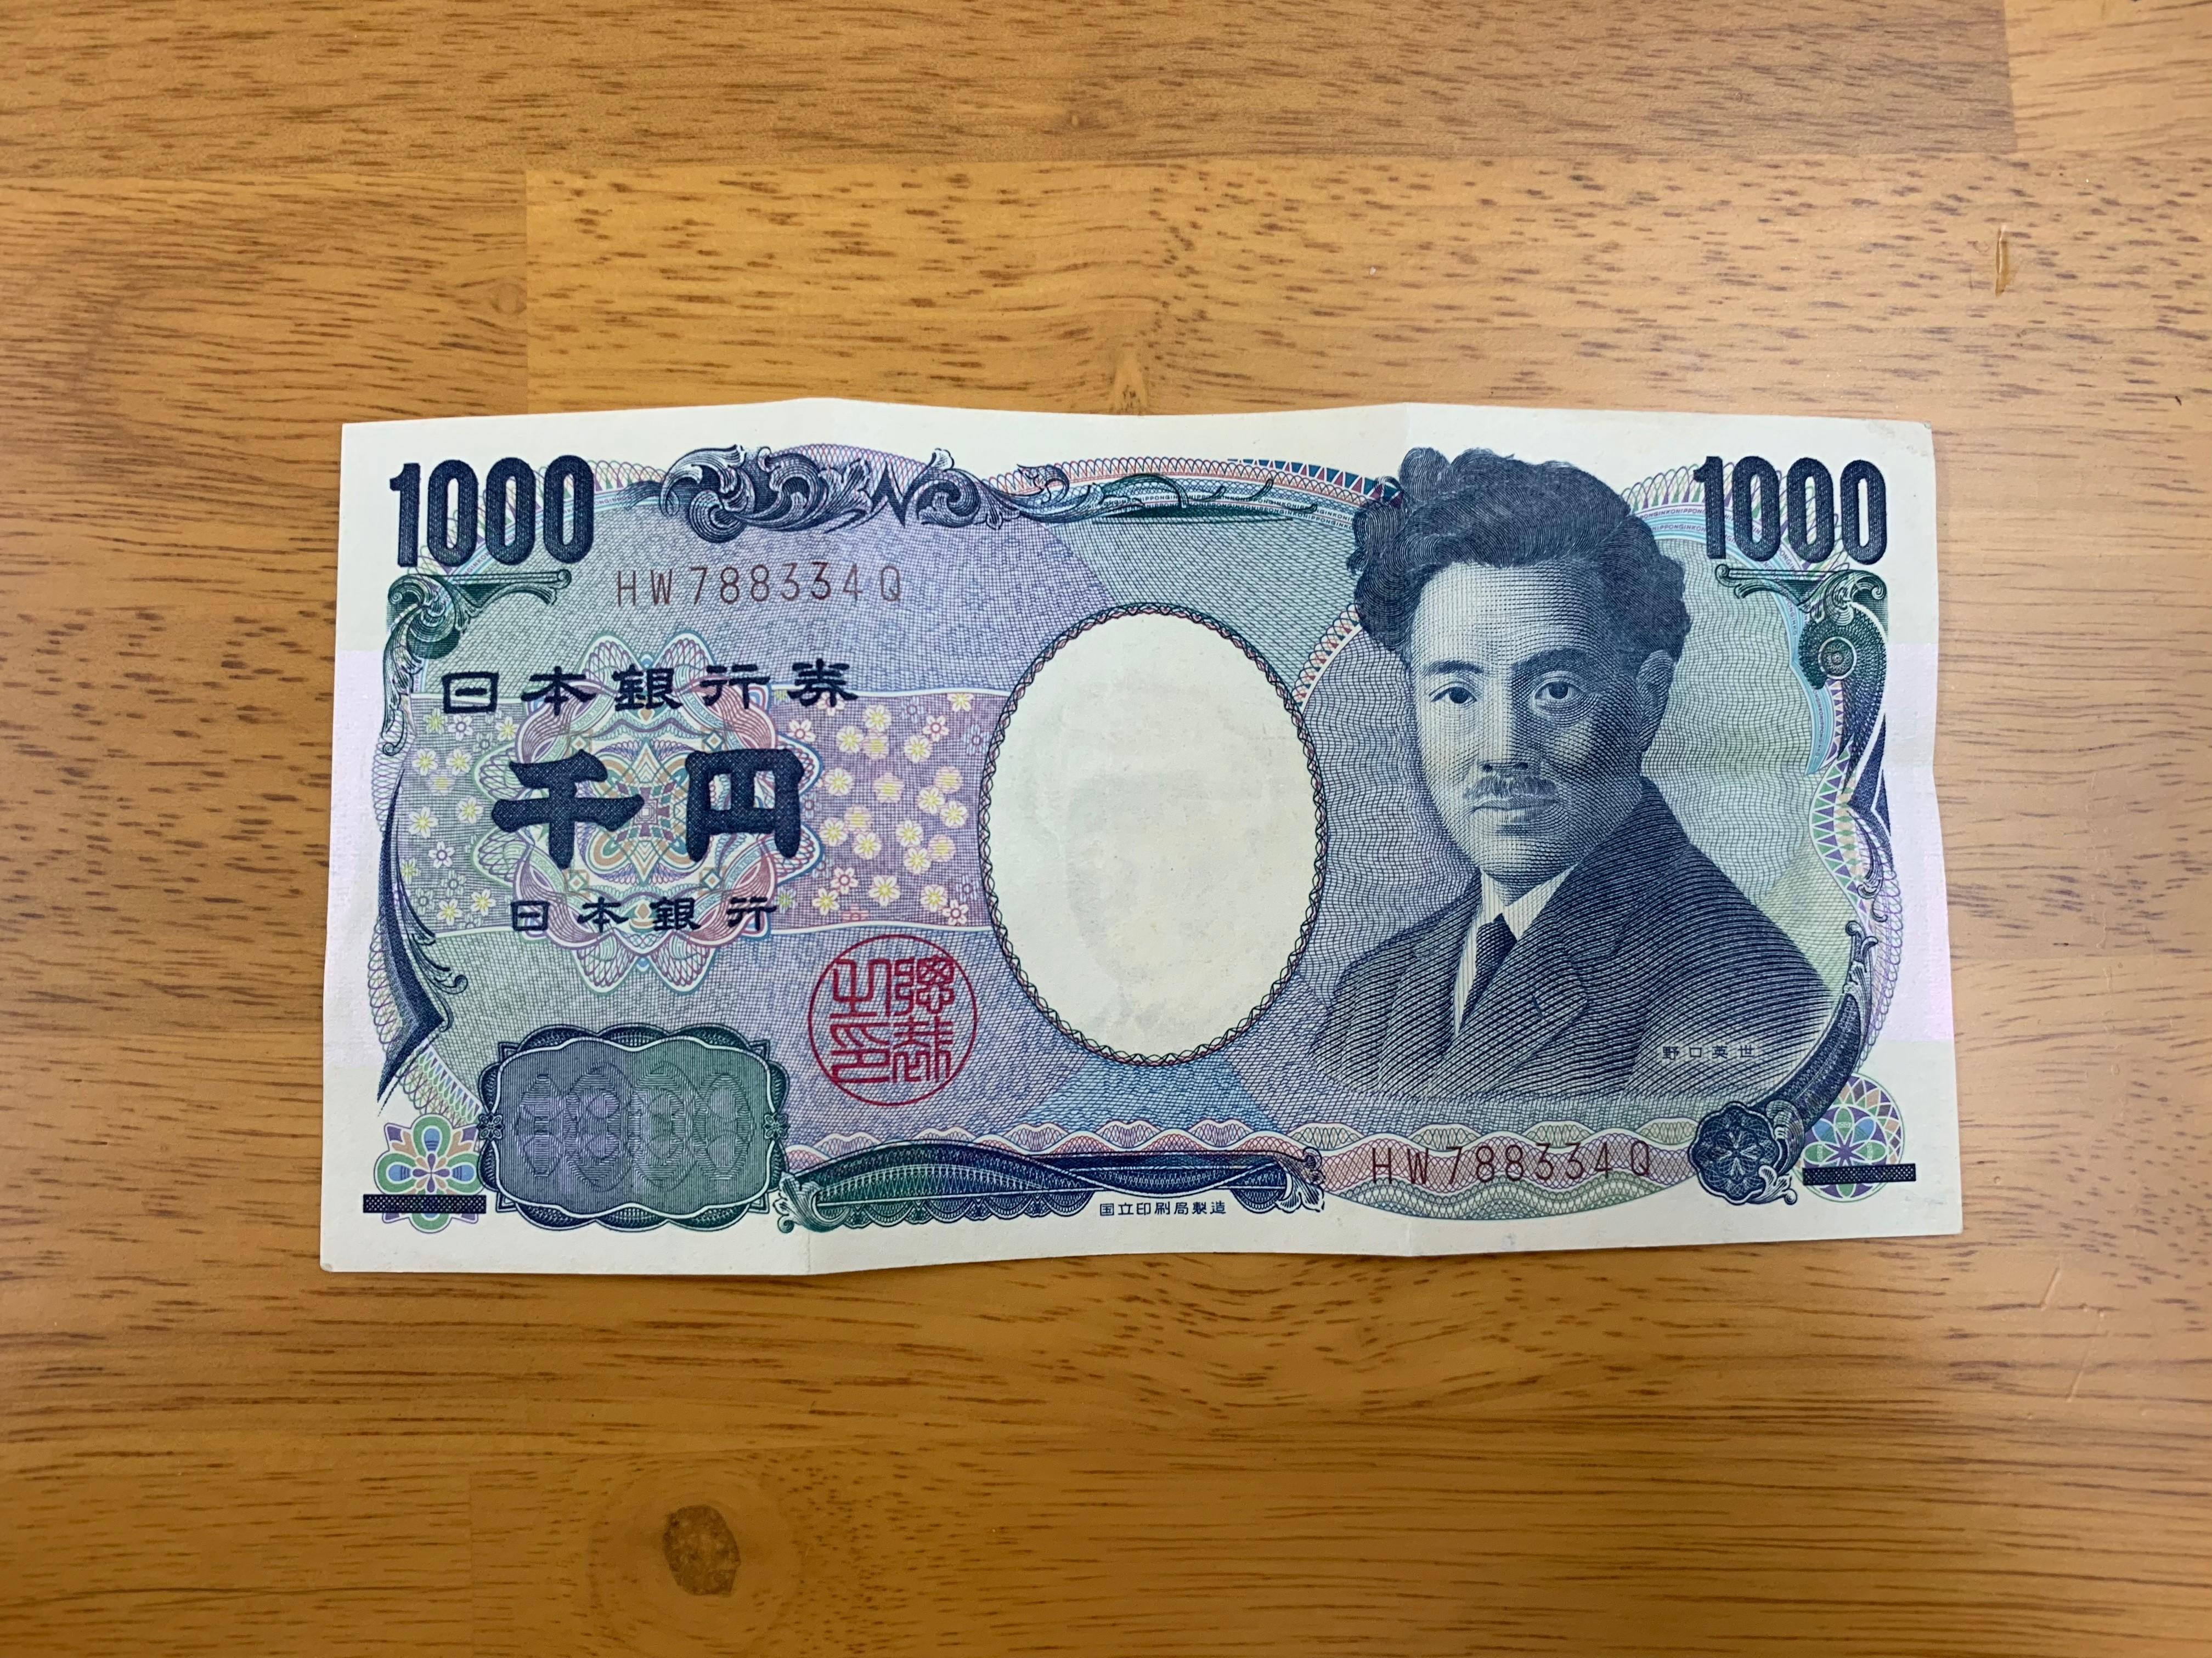 ターバン野口 お札 千円札のおもしろい折り方の画像1